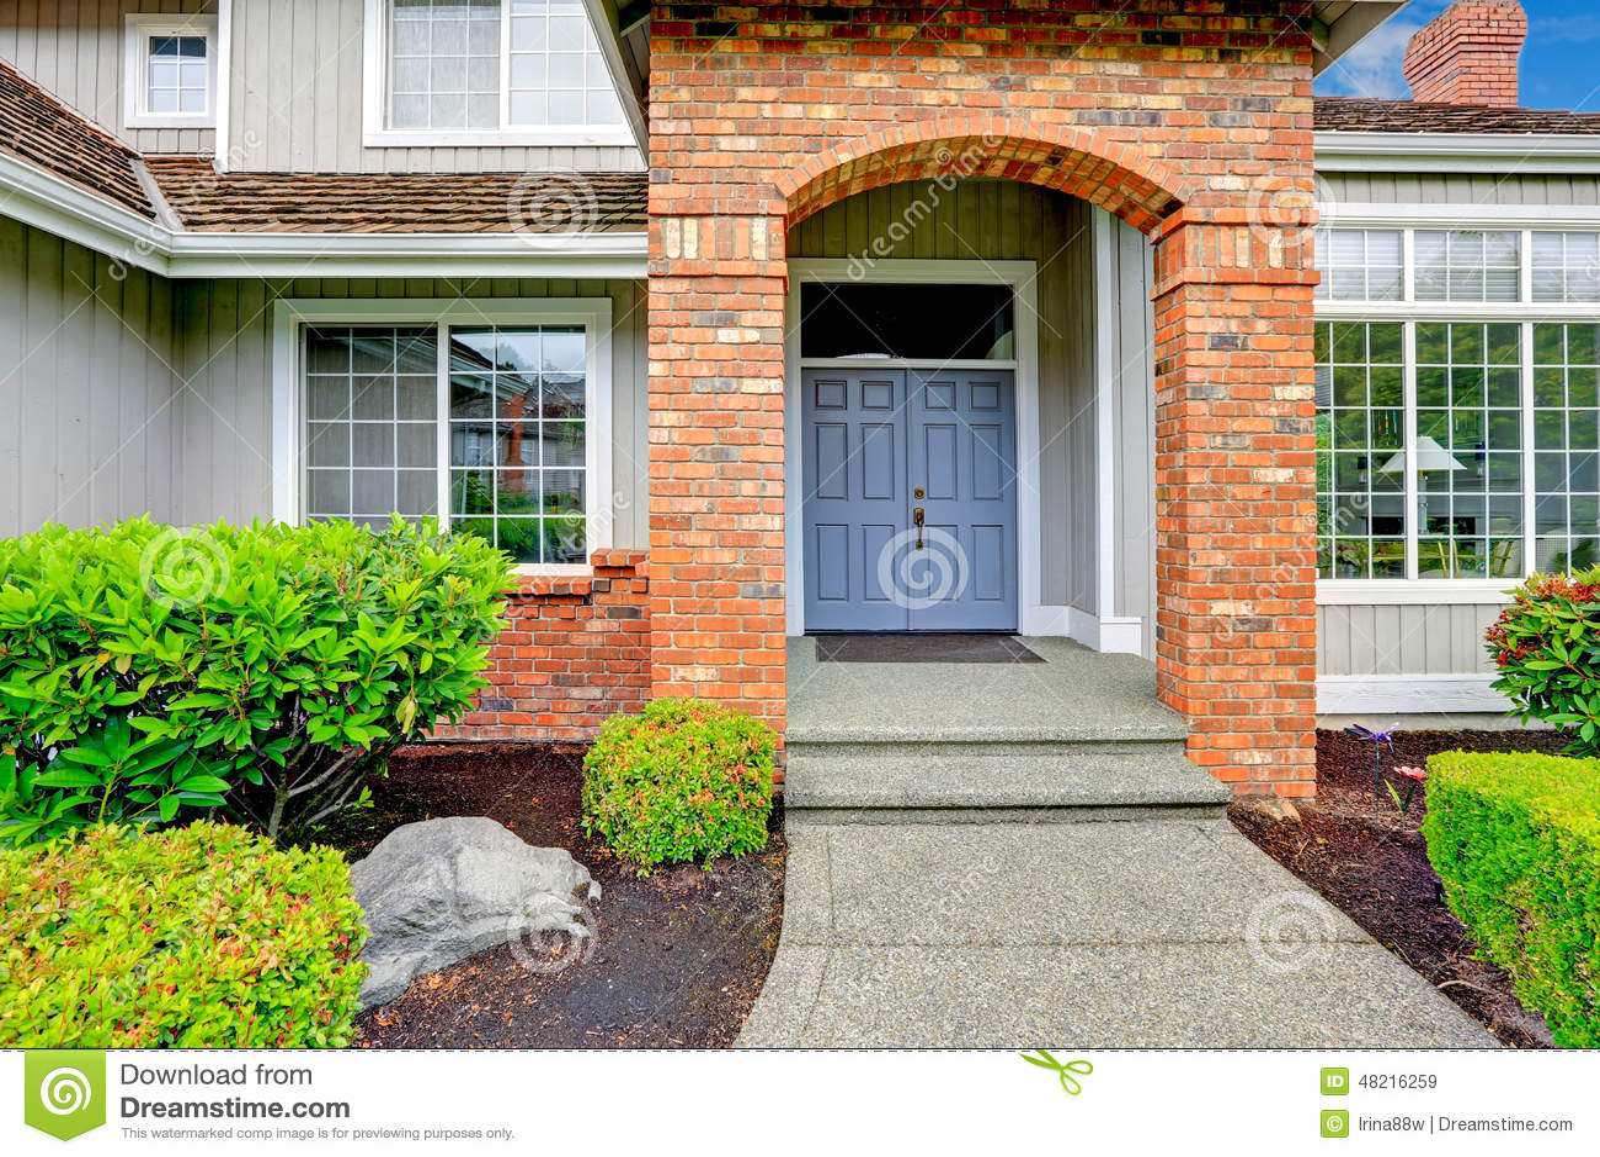 porche d 39 entr e avec l 39 quilibre de brique image stock image du porche fran ais 48216259. Black Bedroom Furniture Sets. Home Design Ideas